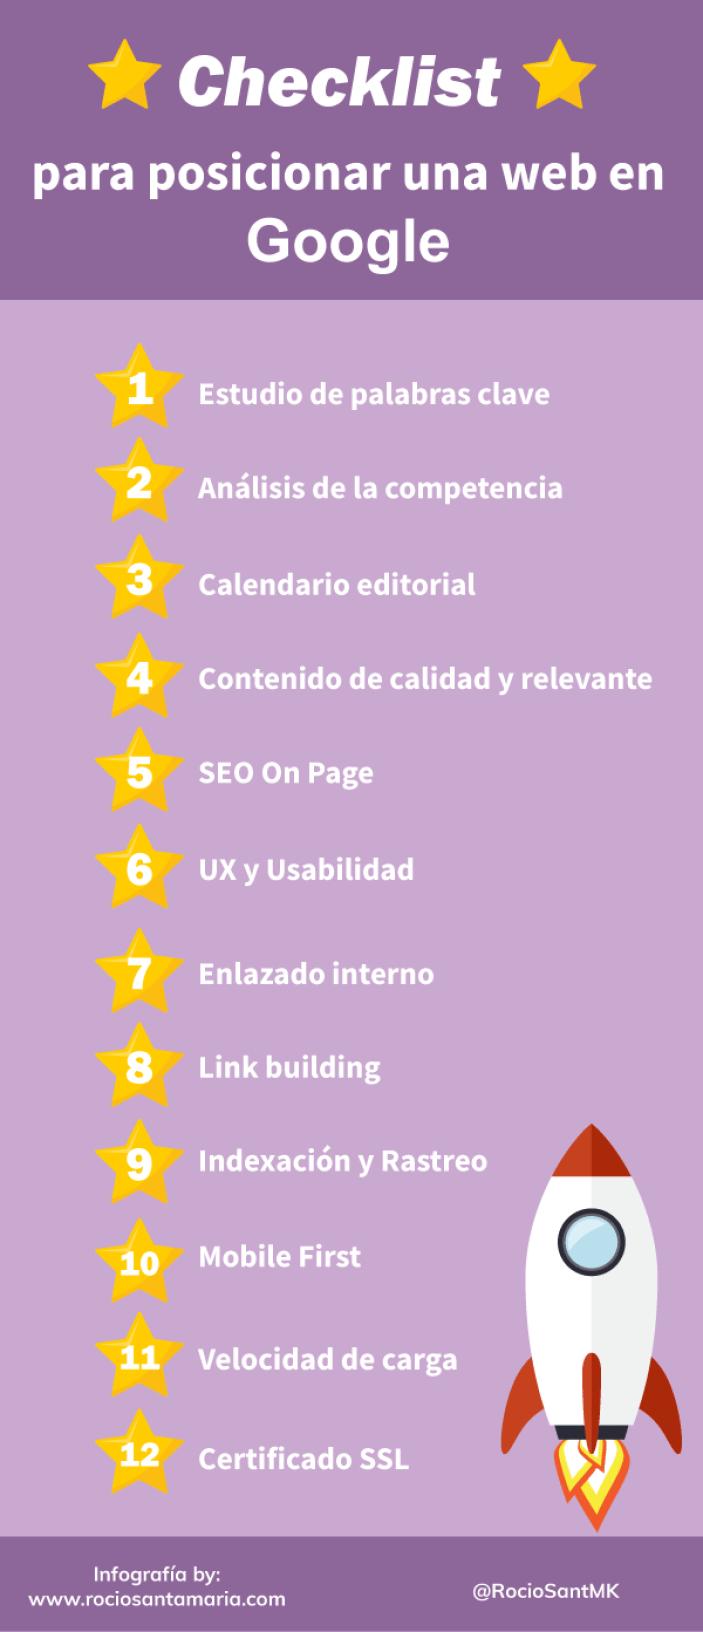 Checklist para posiciones tu web en Google